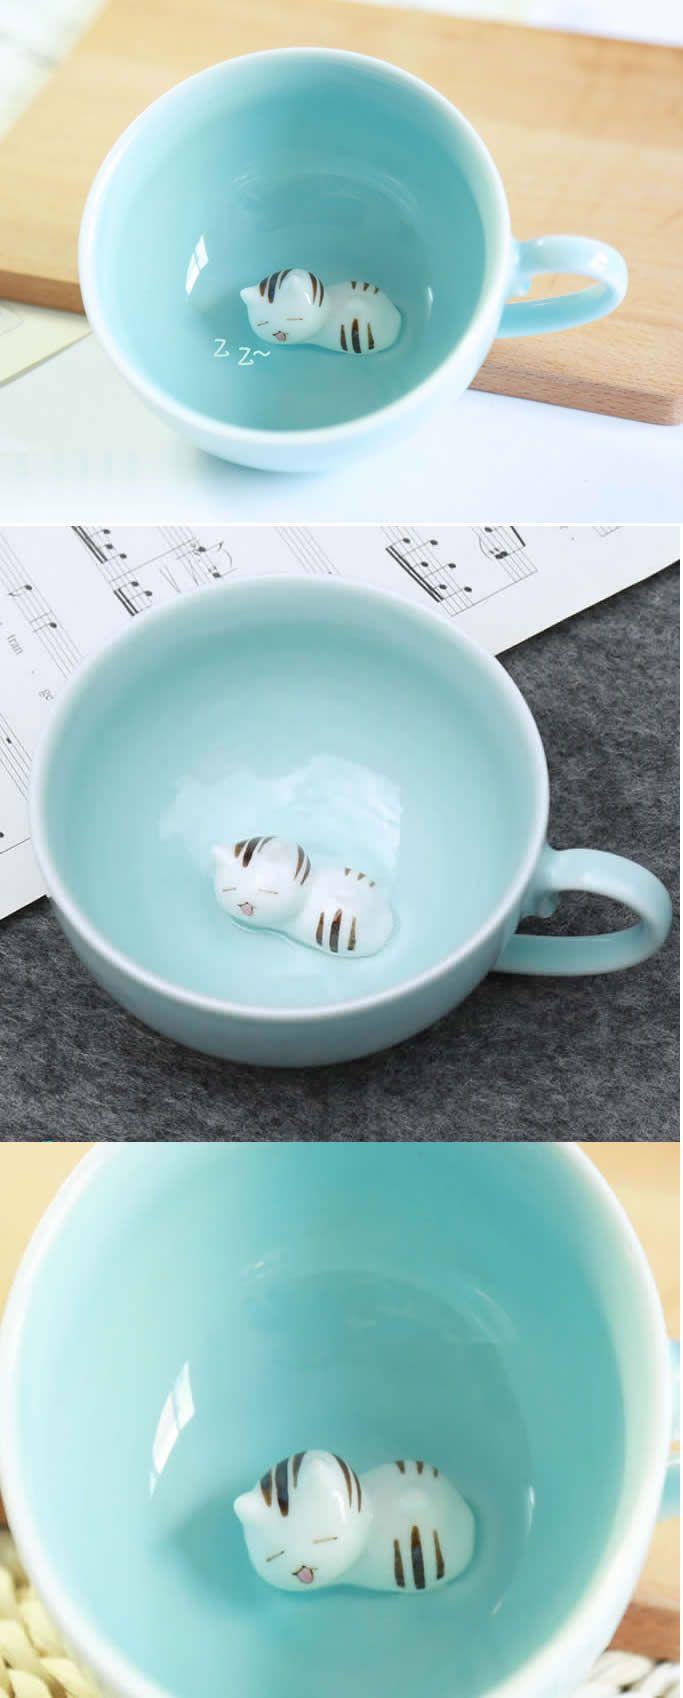 Cute Cat Figurine Ceramic Coffee Cup                                                                                                                                                      More